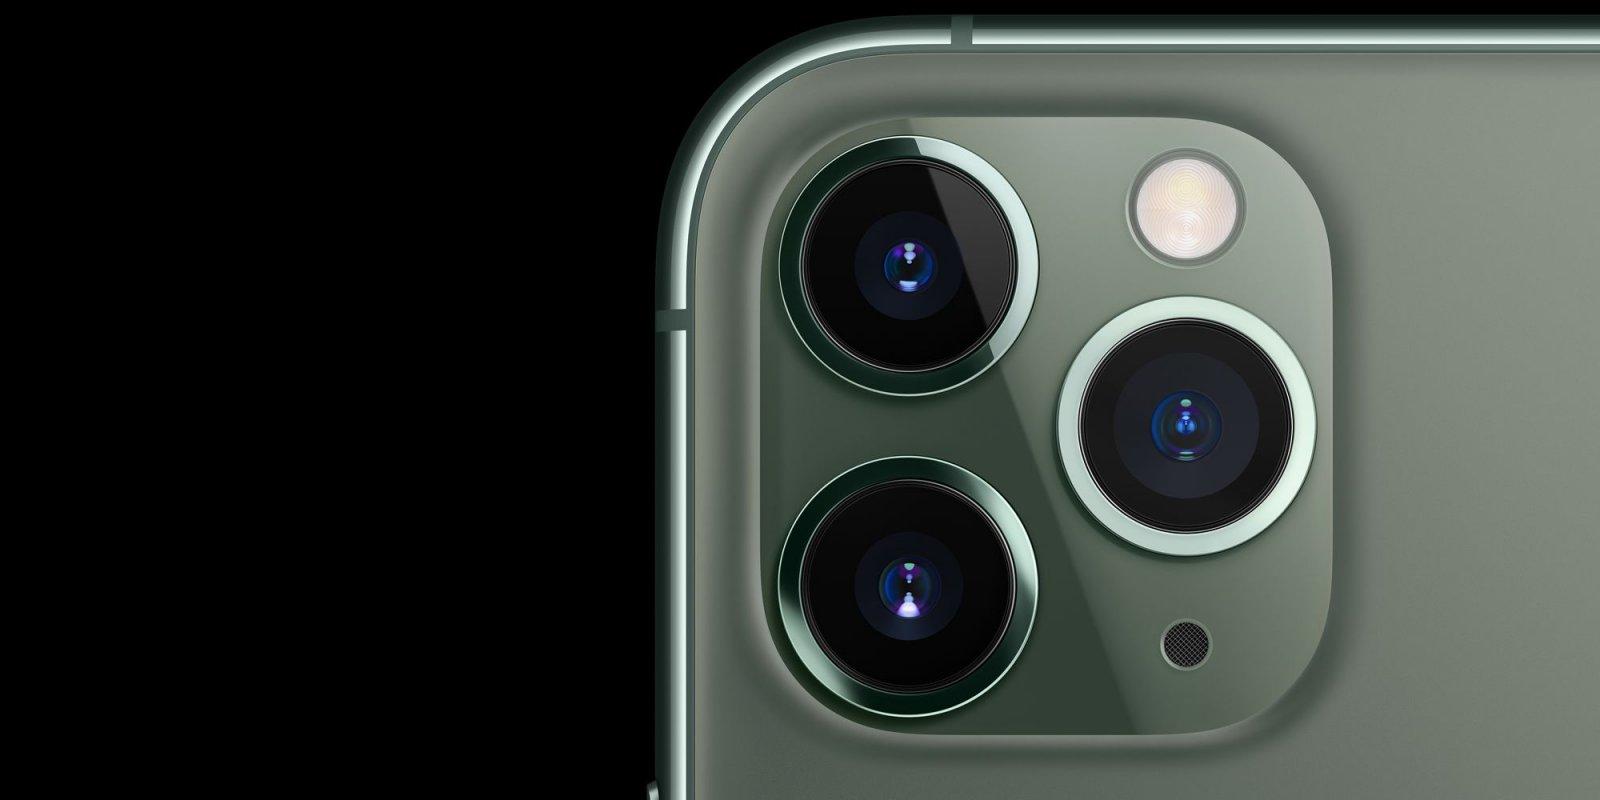 iPhone 12 Pro umożliwi nagrywanie filmów 4K w 120 kl./s i 240 kl./s